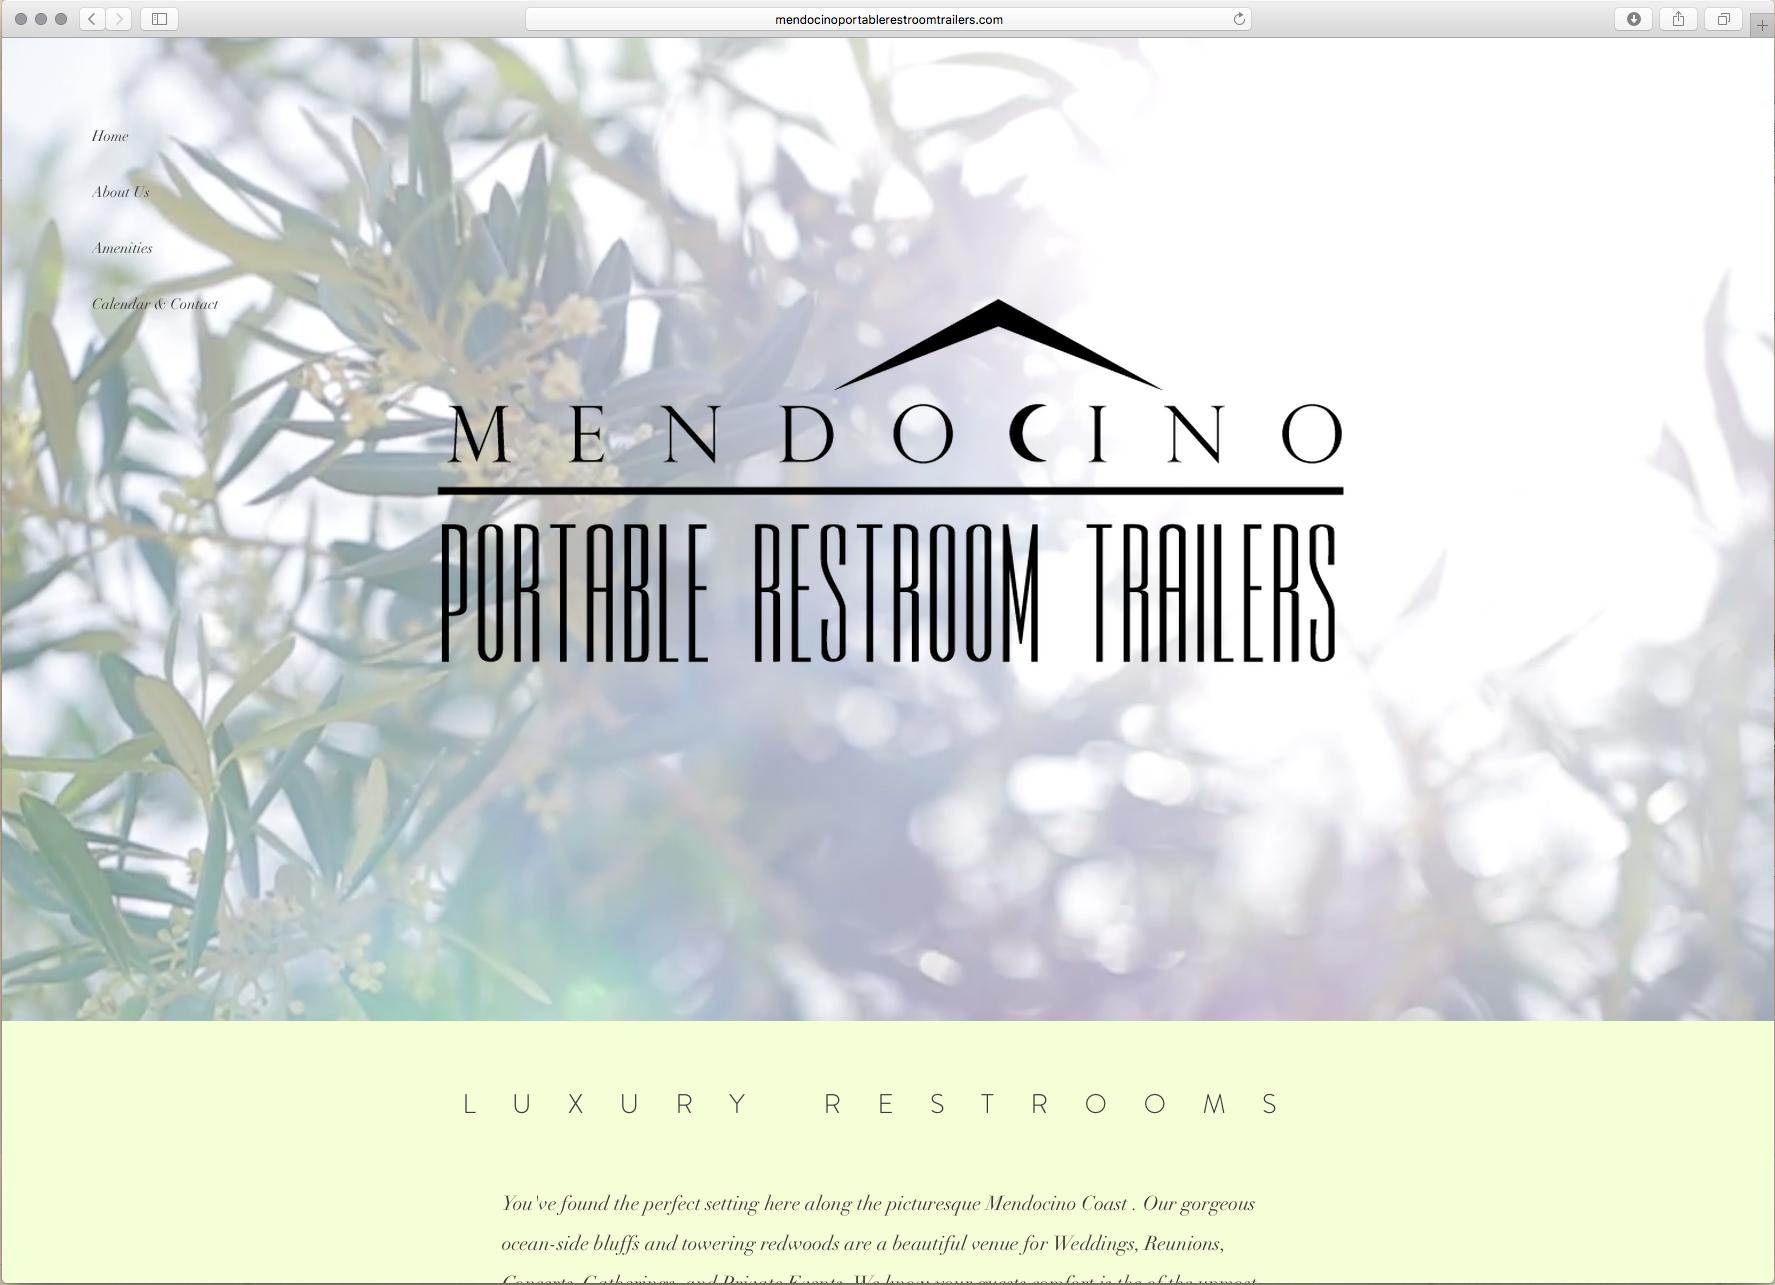 Mendocino Portable Restrooms